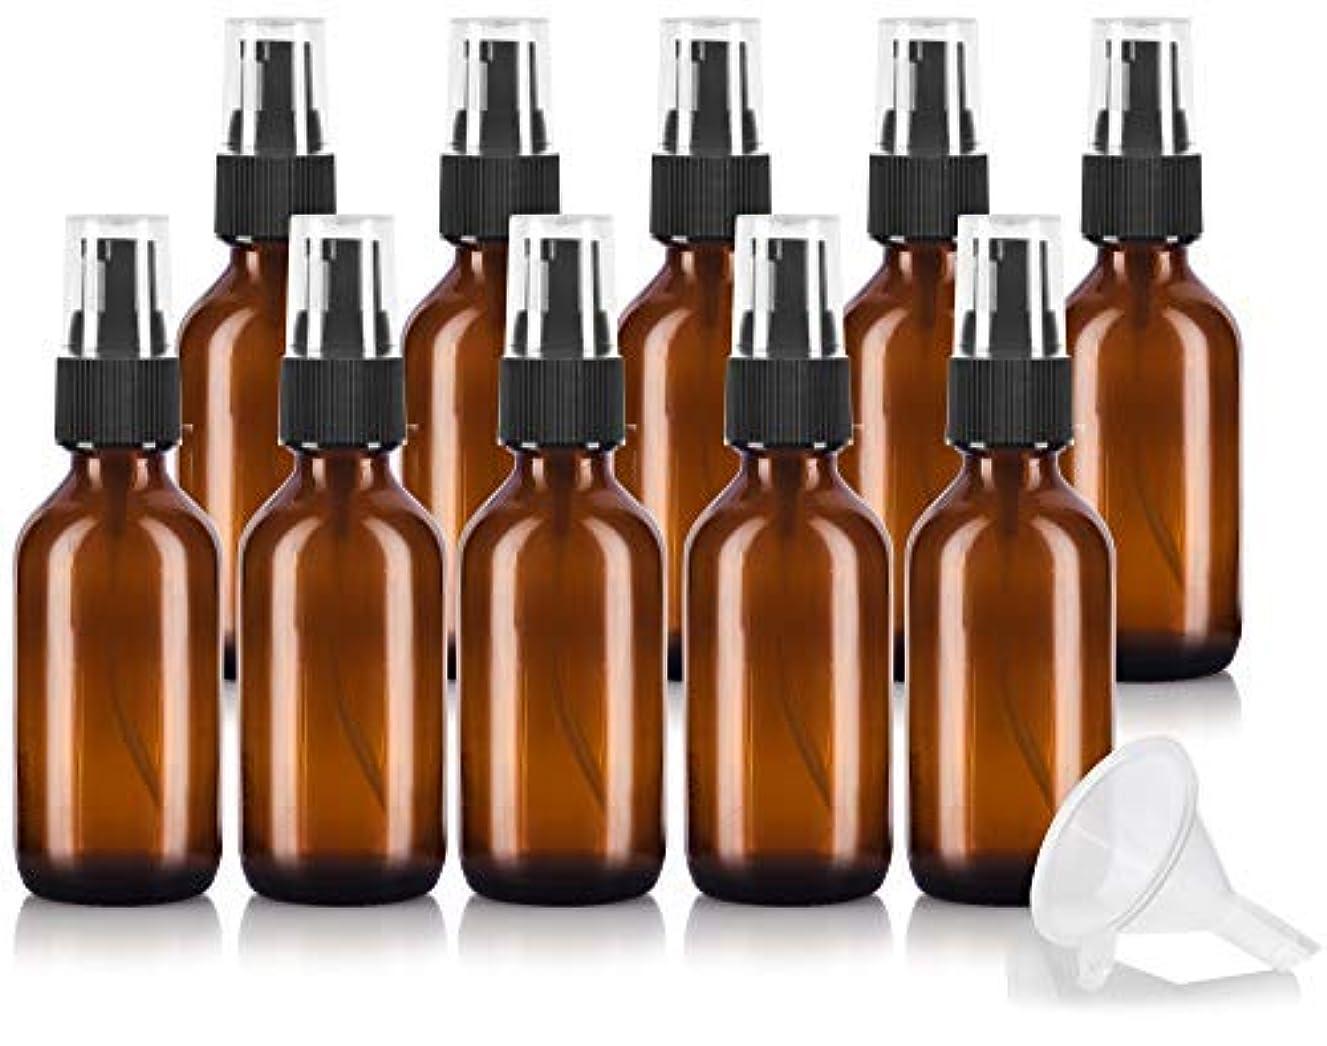 ジェットレジ気をつけて2 oz Amber Glass Boston Round Treatment Pump Bottle (10 pack) + Funnel and Labels for essential oils, aromatherapy, food grade, bpa free [並行輸入品]